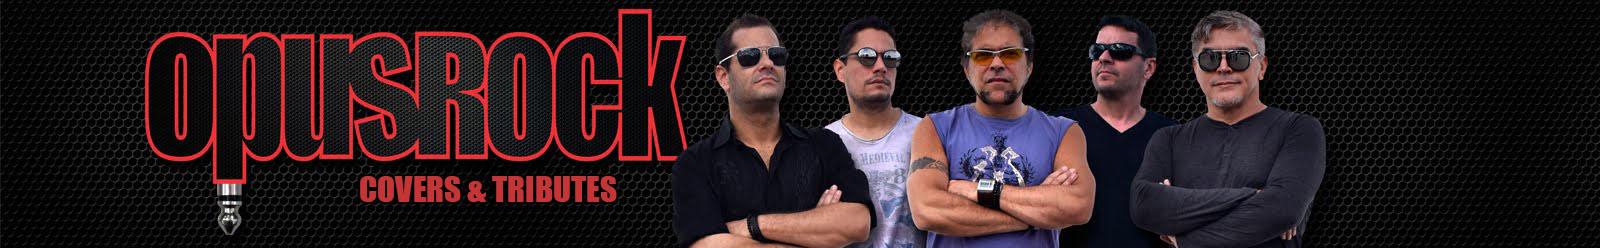 Opus Rock Band